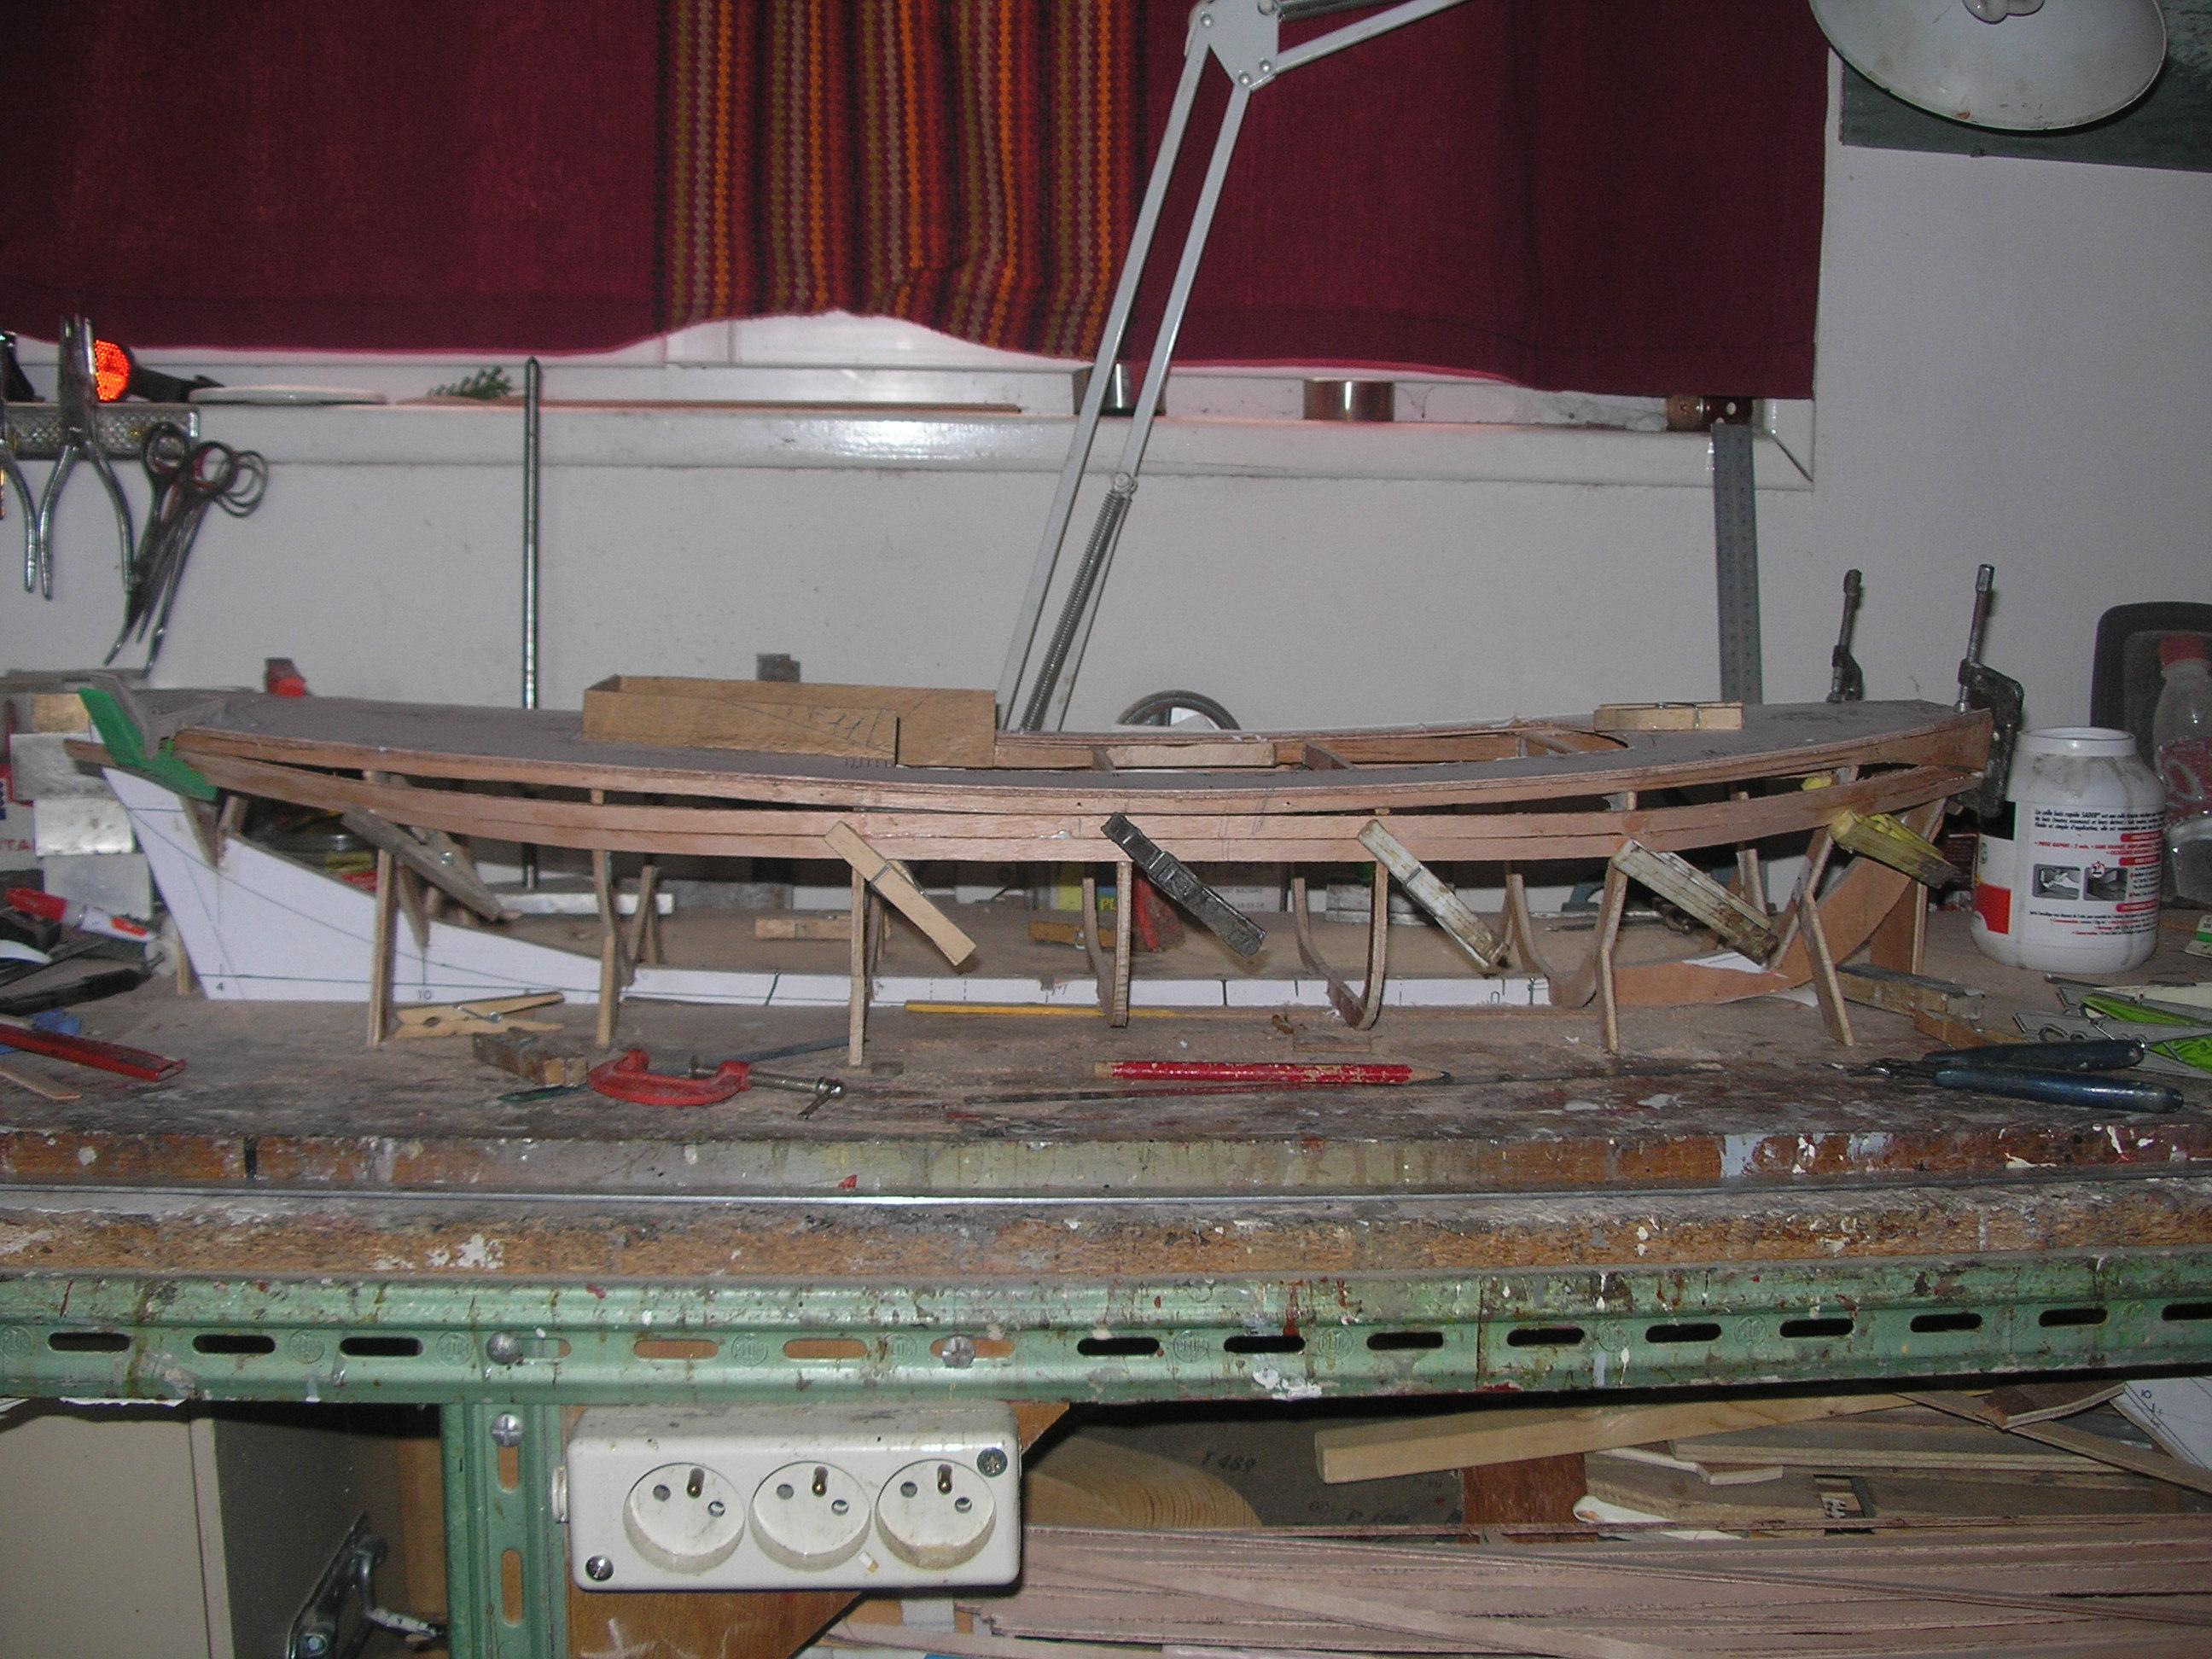 Construction du RMT PENFRET - Page 10 19030809440013365